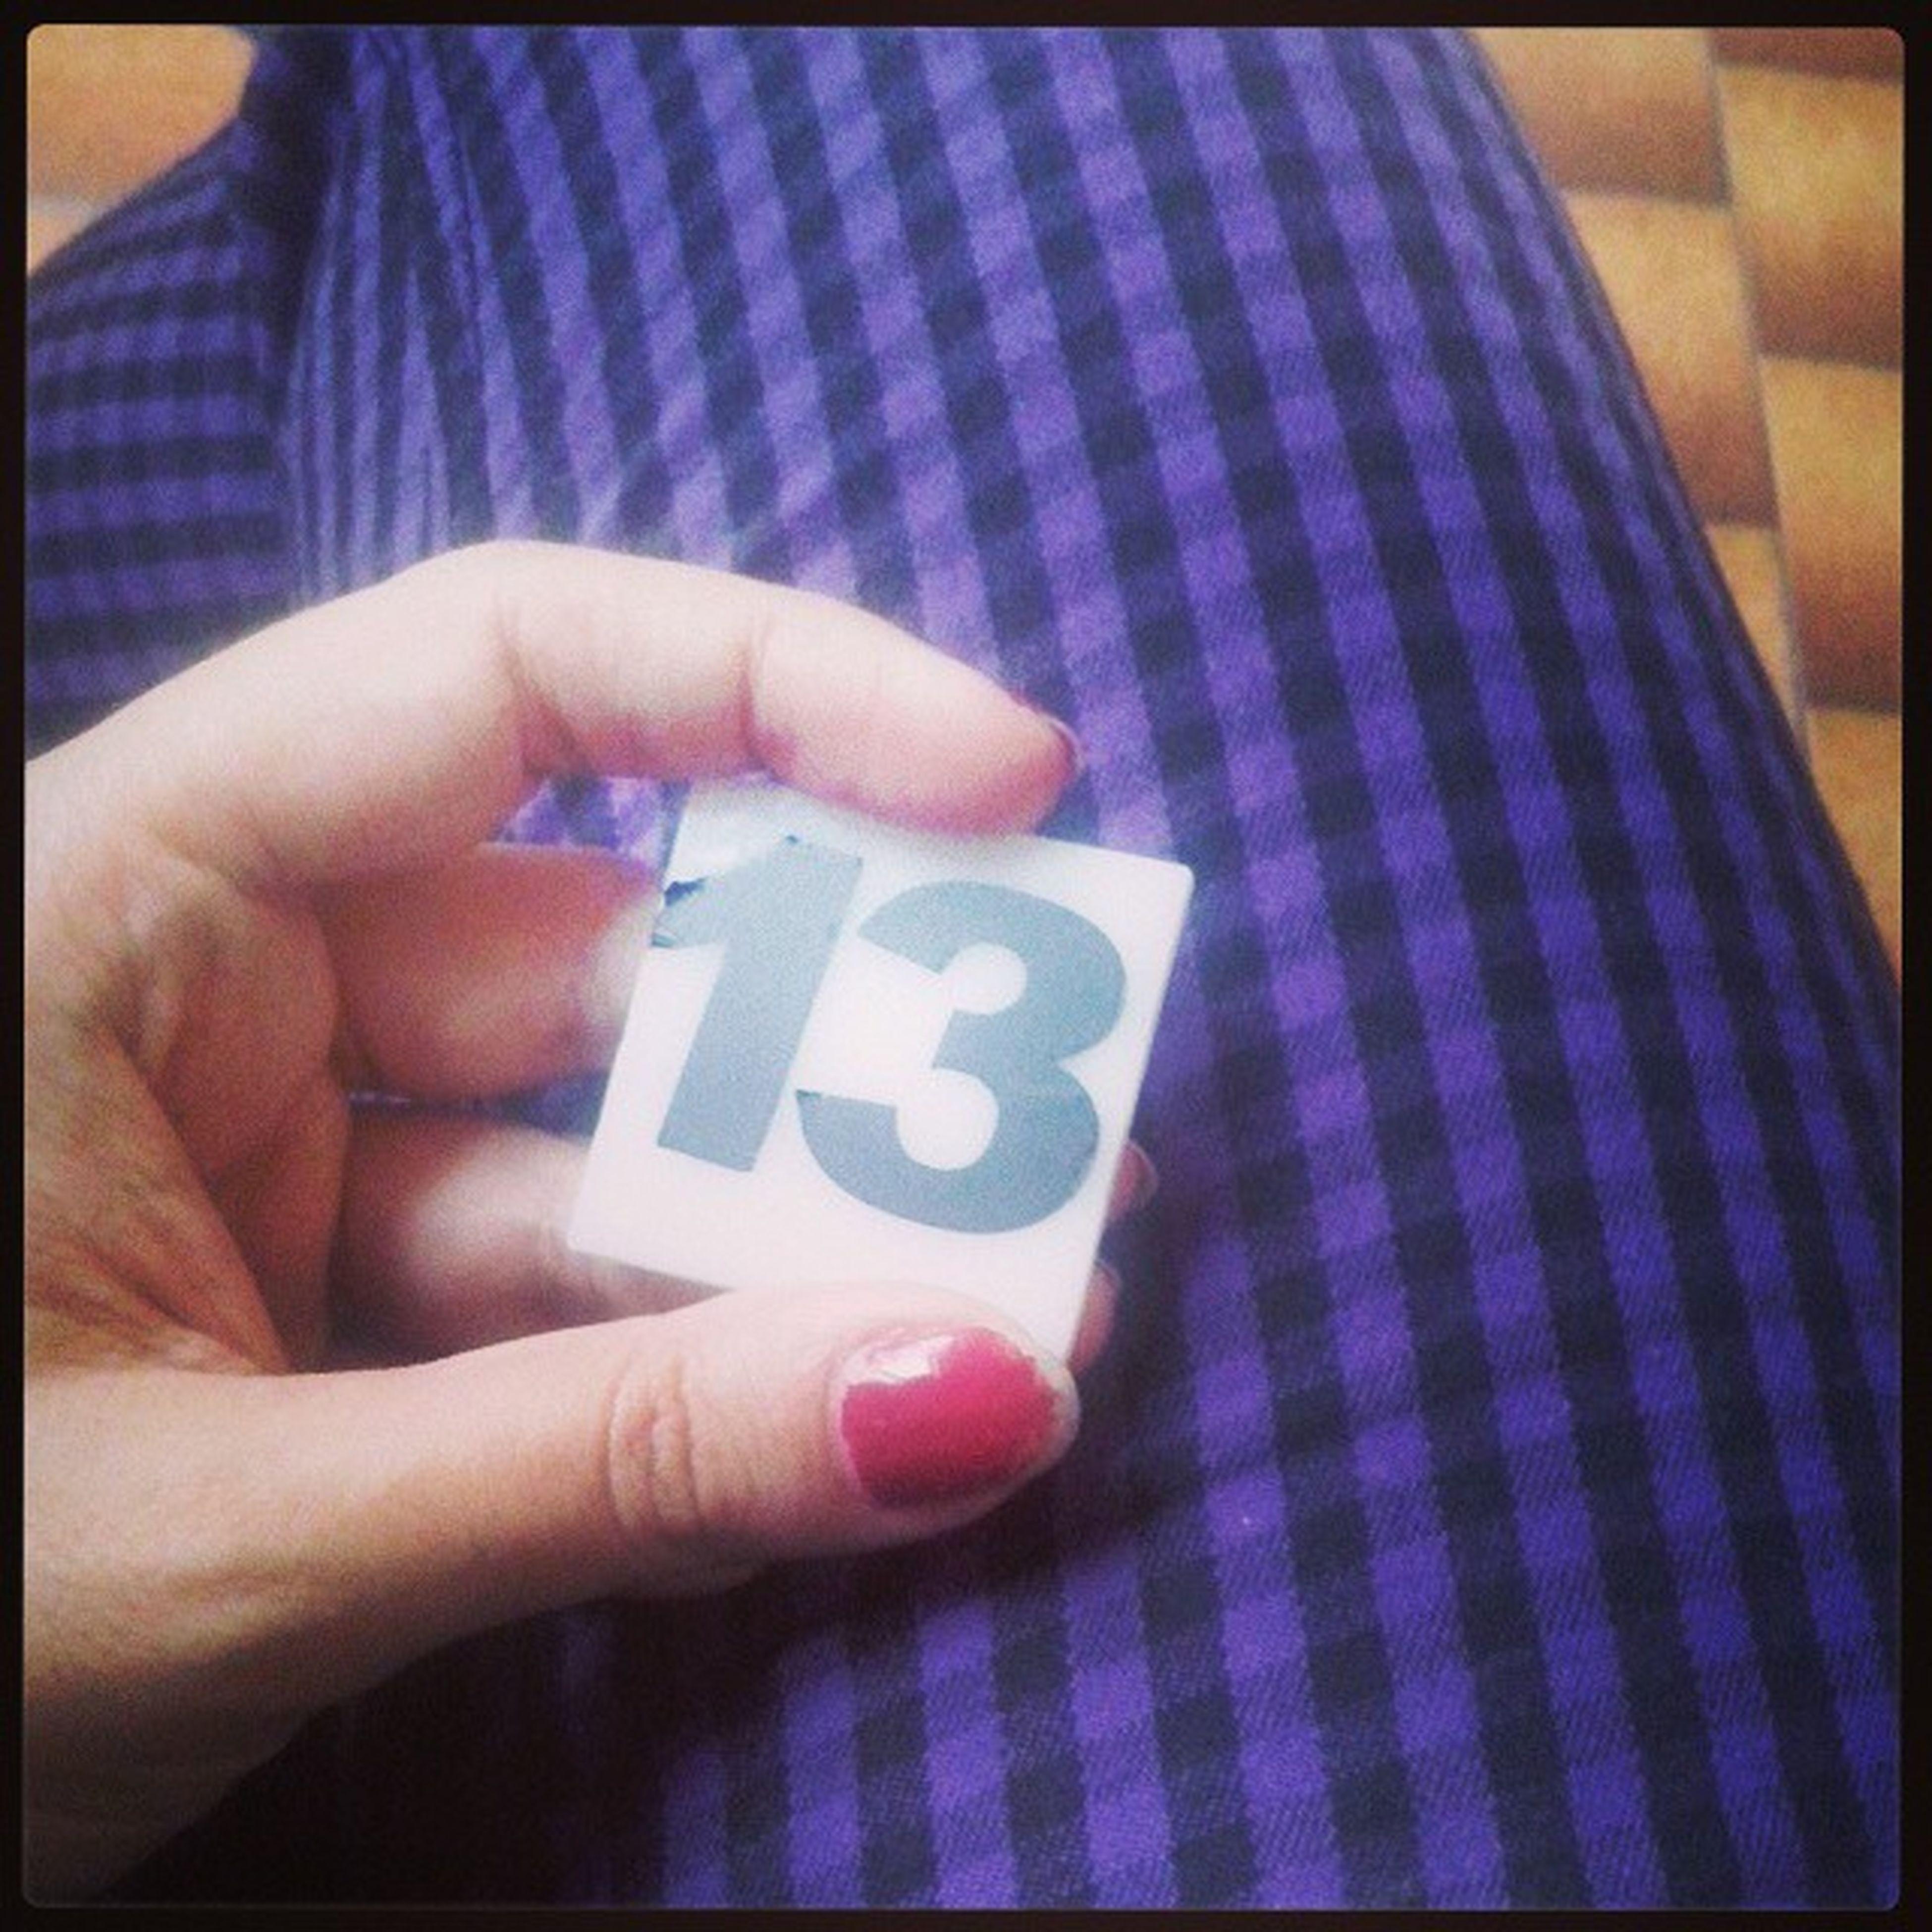 Dai che ho il Numero 13 ... su 13 SOB Natipersoffriggere legioiediandaredalmedico